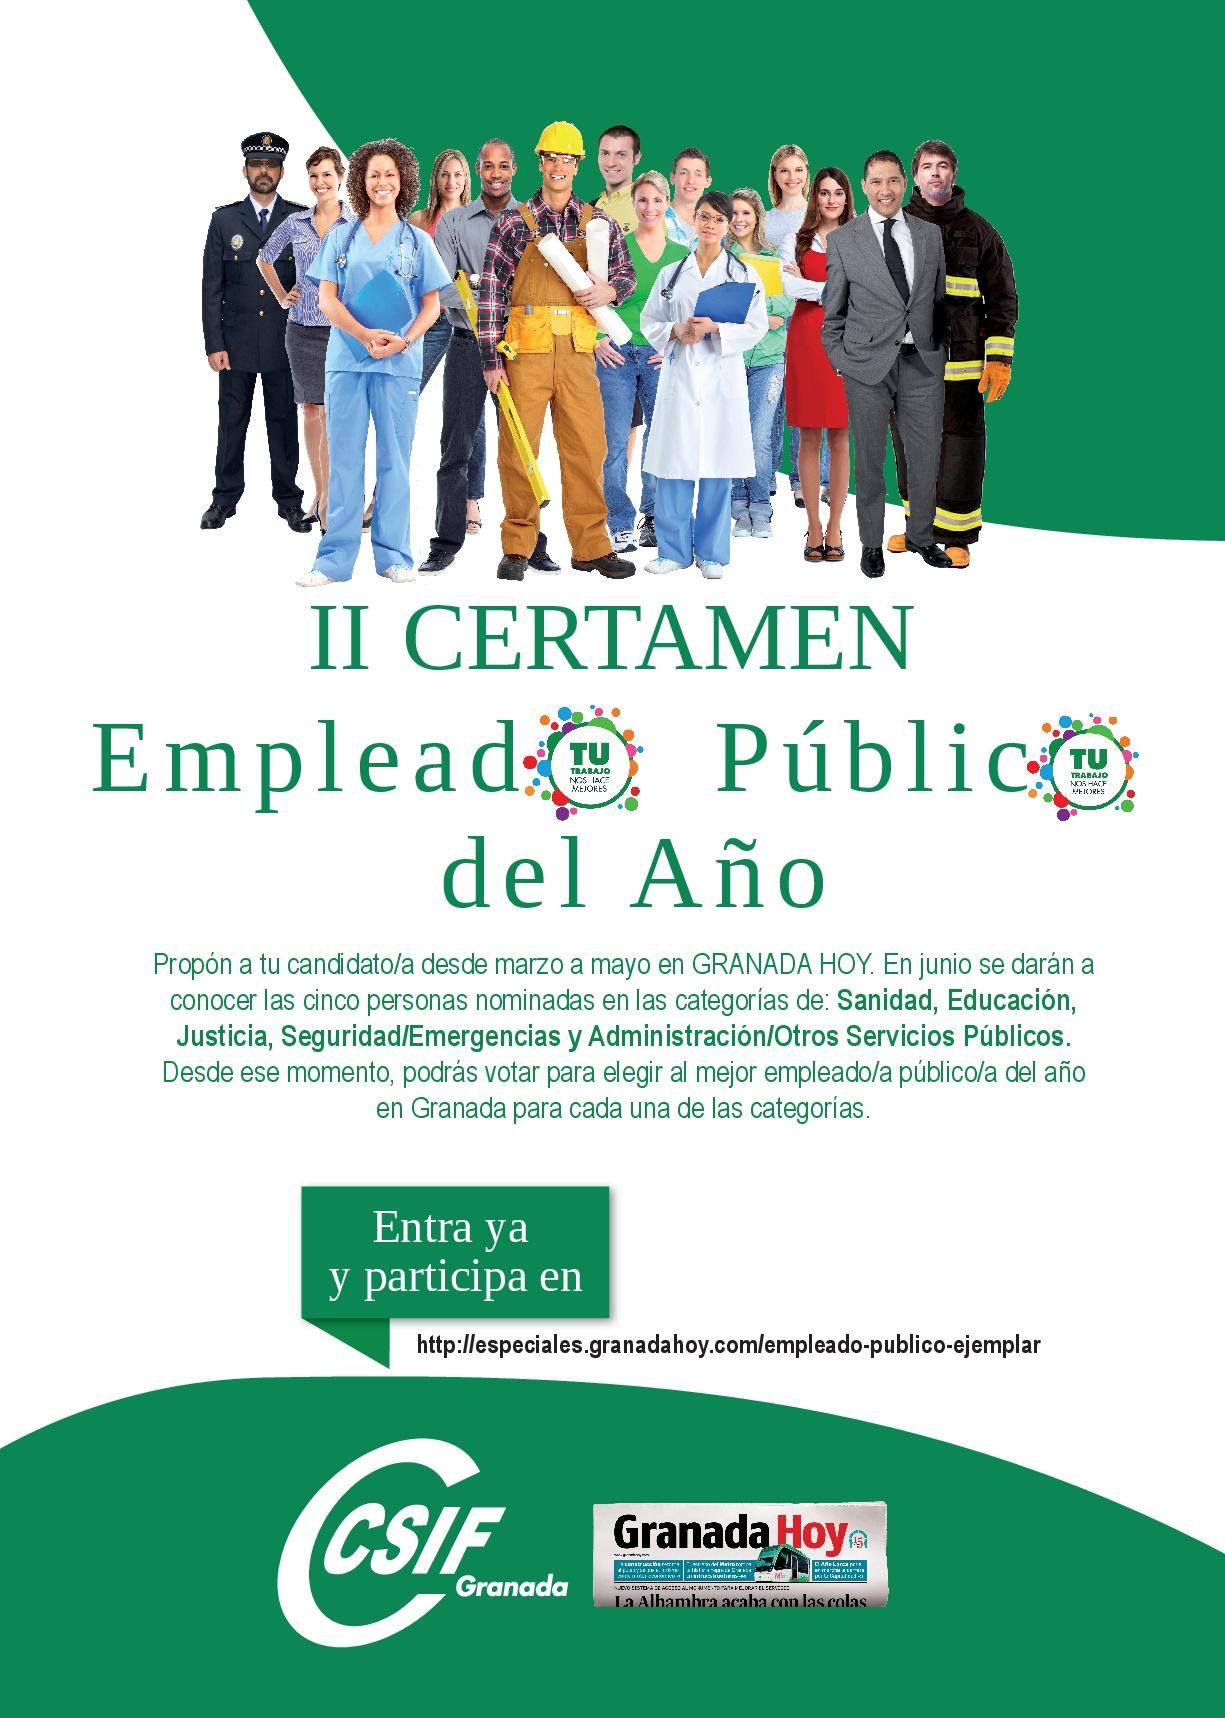 Cartel II Certamen Empleado Público del Año Granada